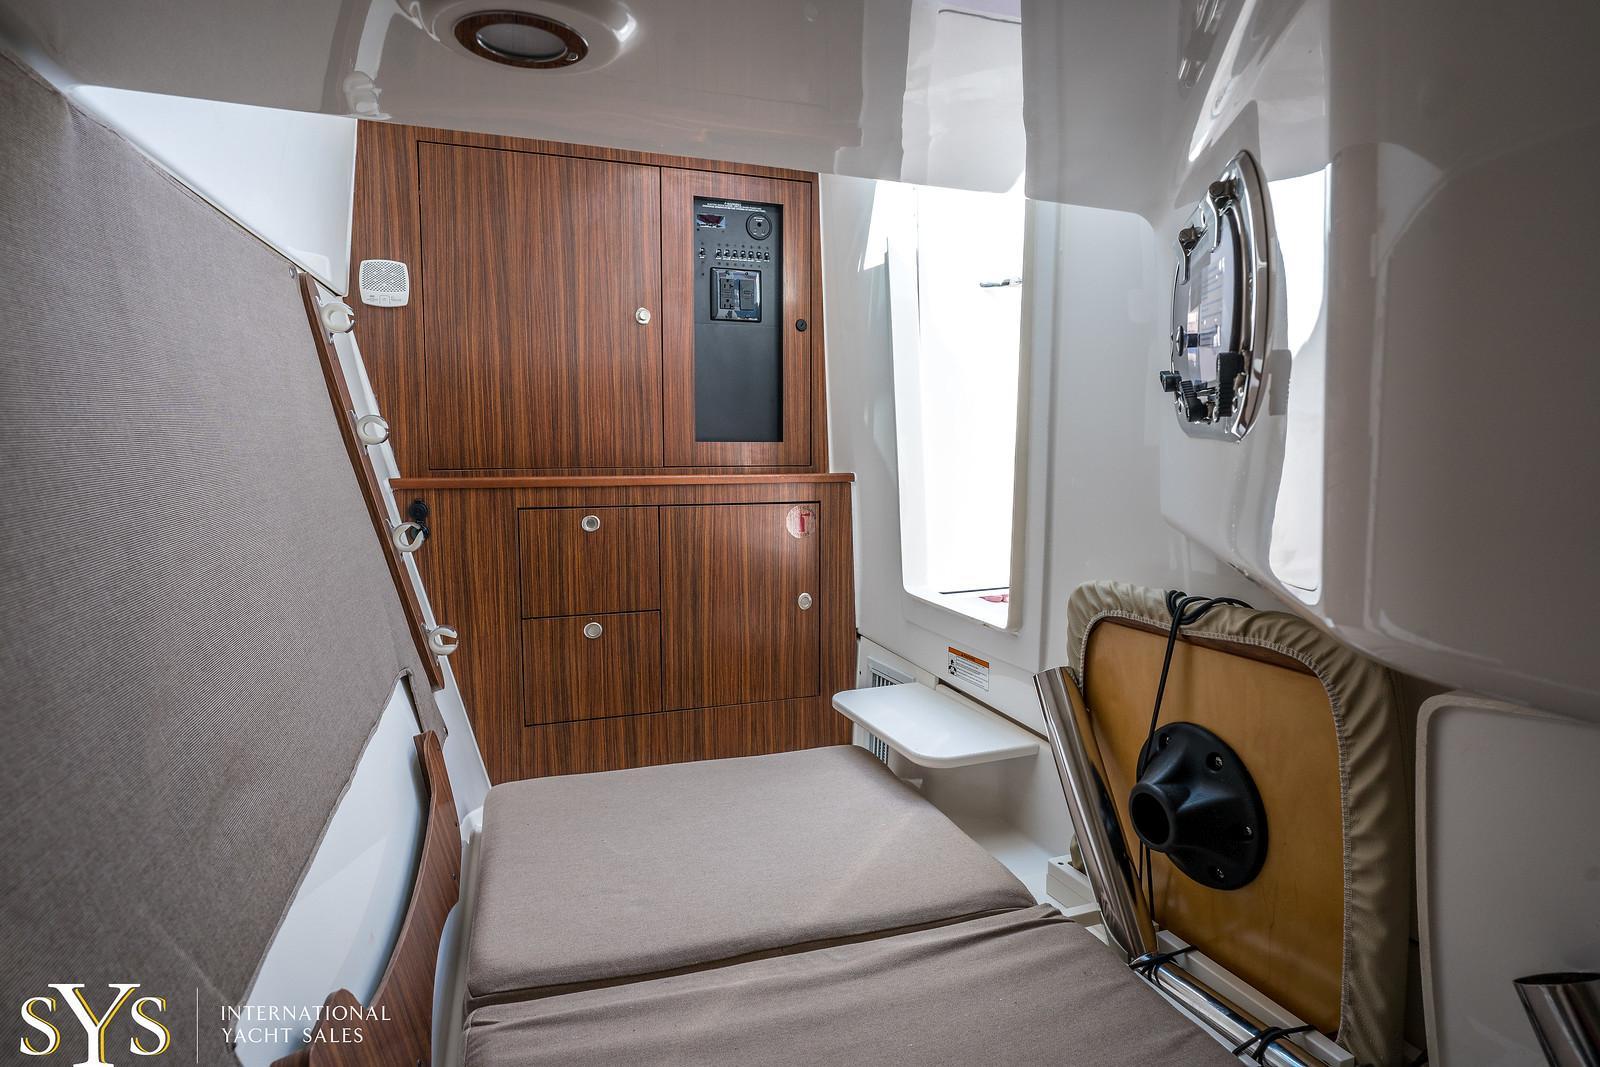 2019 Pursuit DC 325 Dual Console